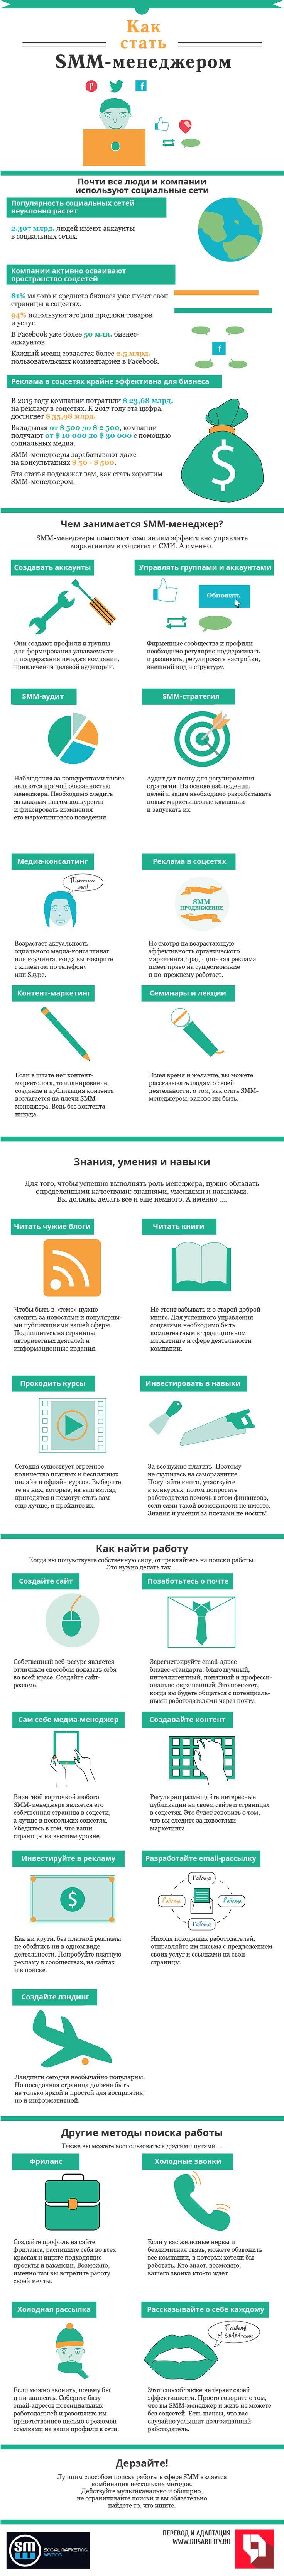 SMM, социальные сети, менеджер, медиа, работа, профессия, маркетинг, маркетолог, инфографика